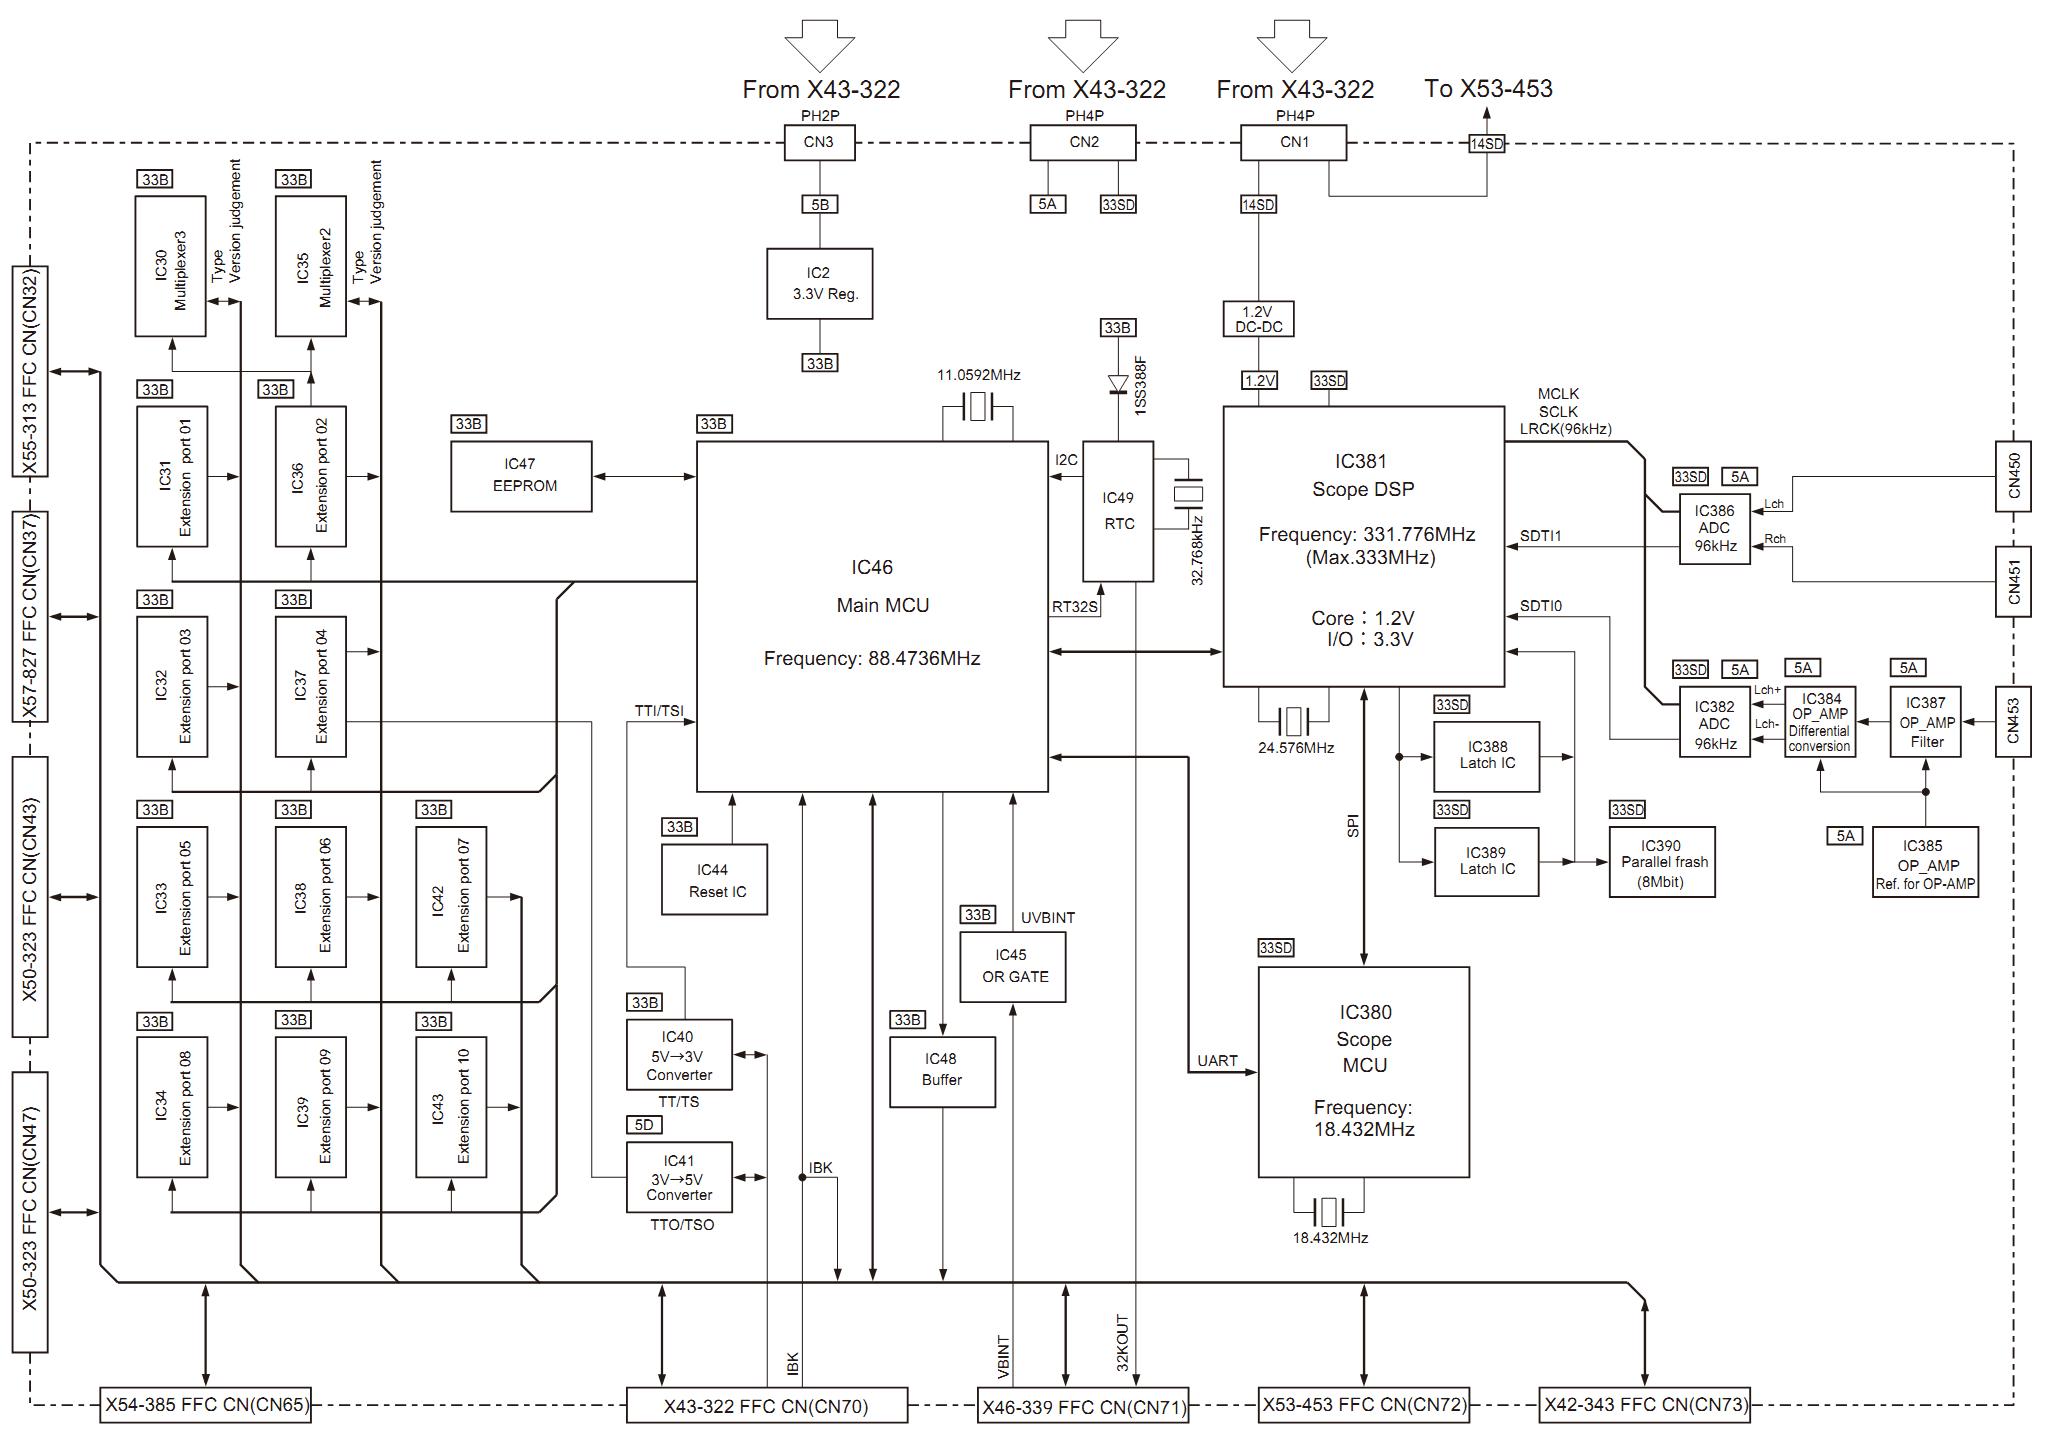 принципиальная схема видеопередатчика со звуком